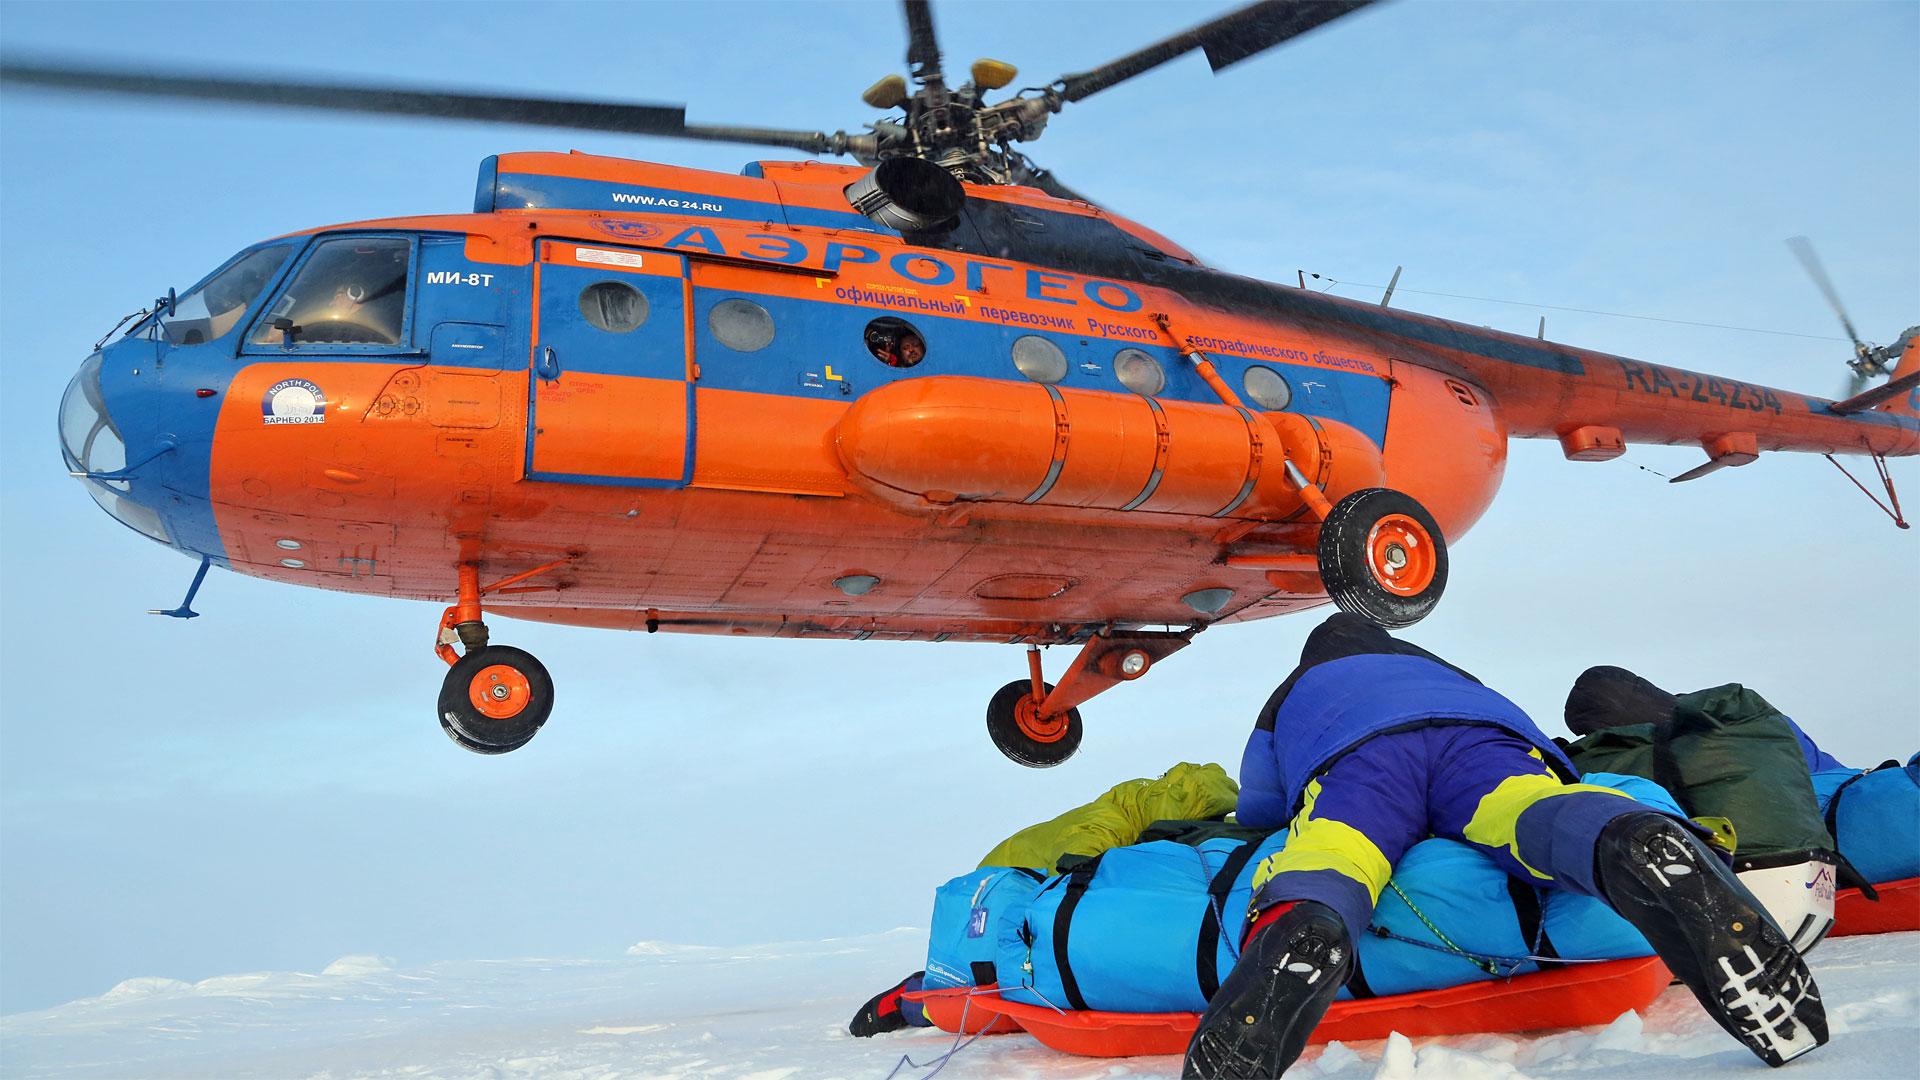 Expeditionsresor Nordpolen 2014 (11)